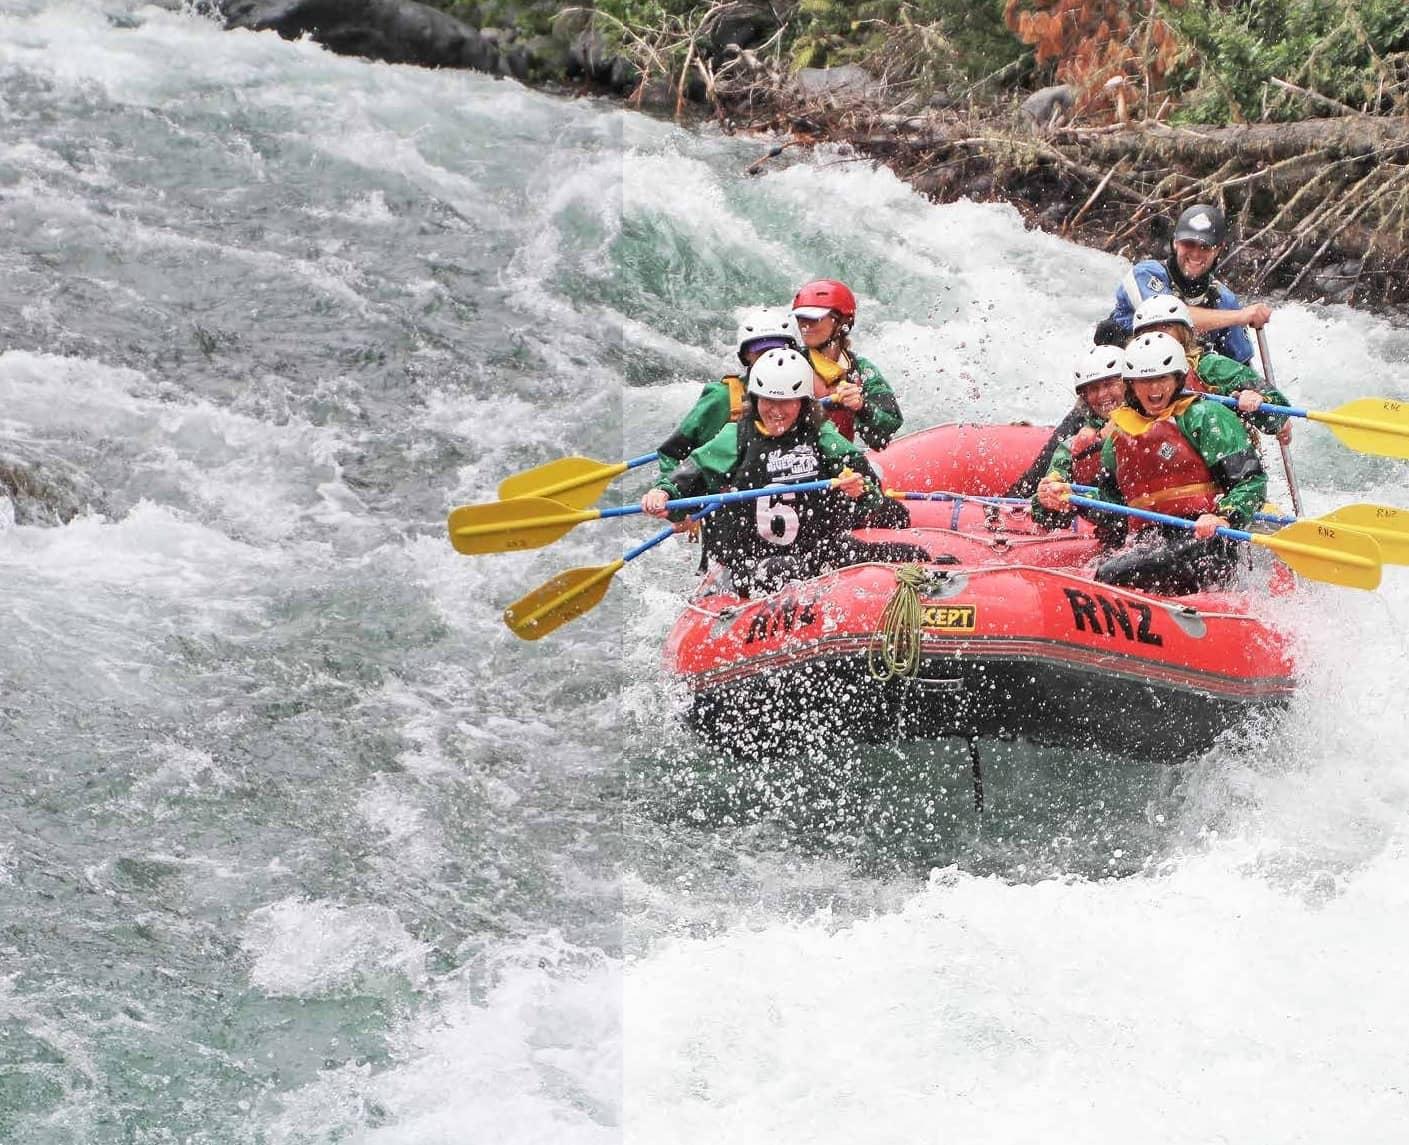 Stu's Crew On The River Wild